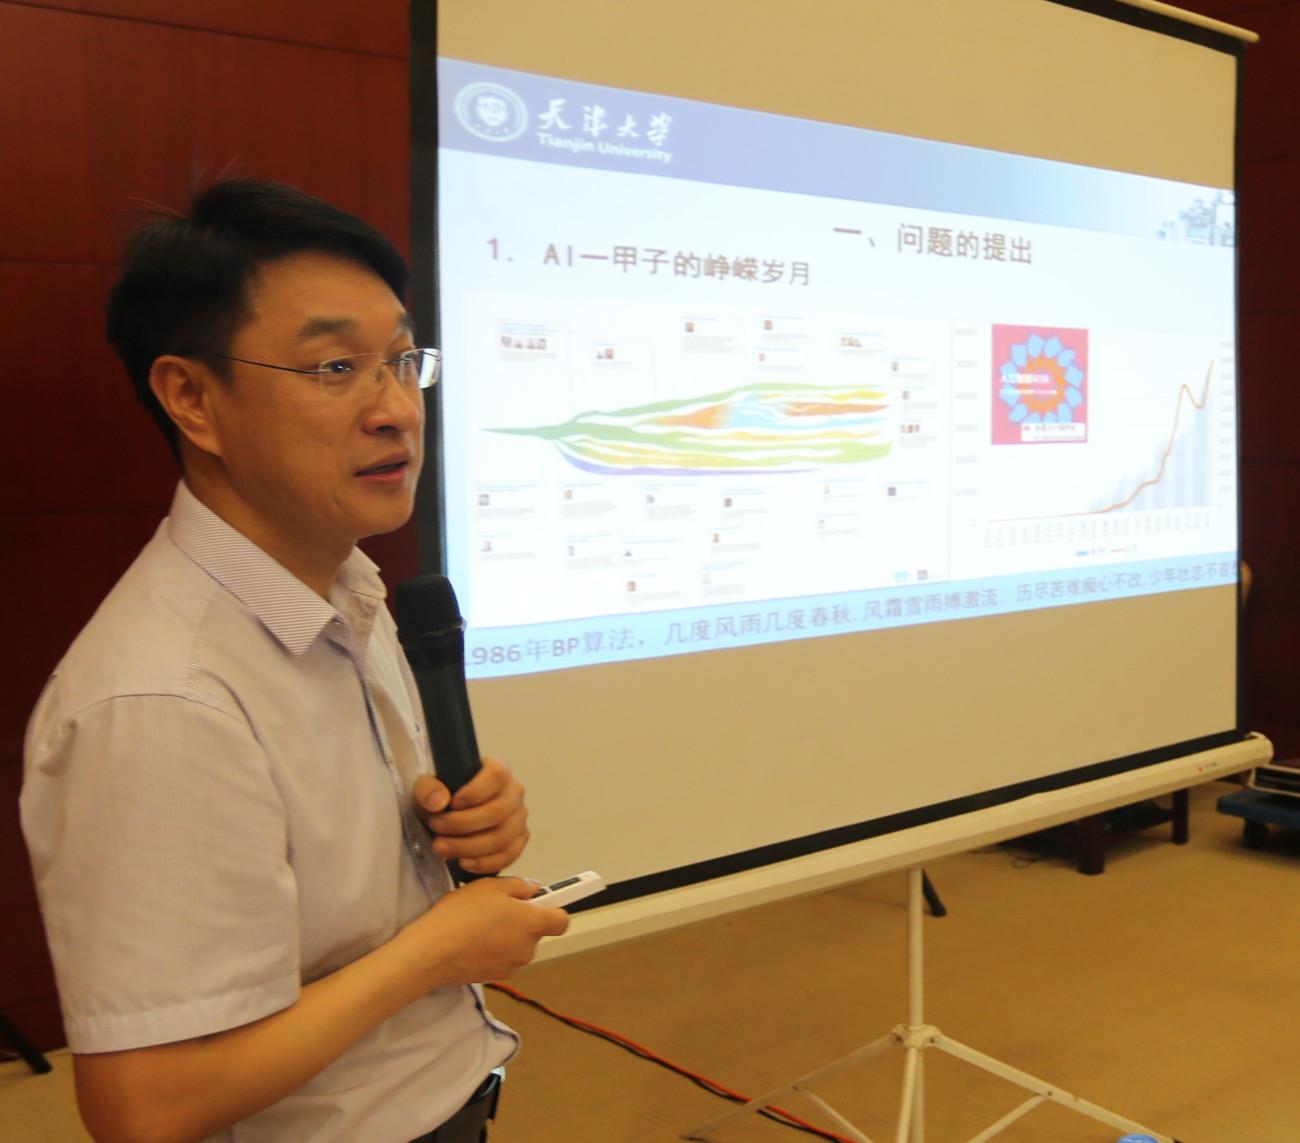 Associate Prof. LIU Zhou